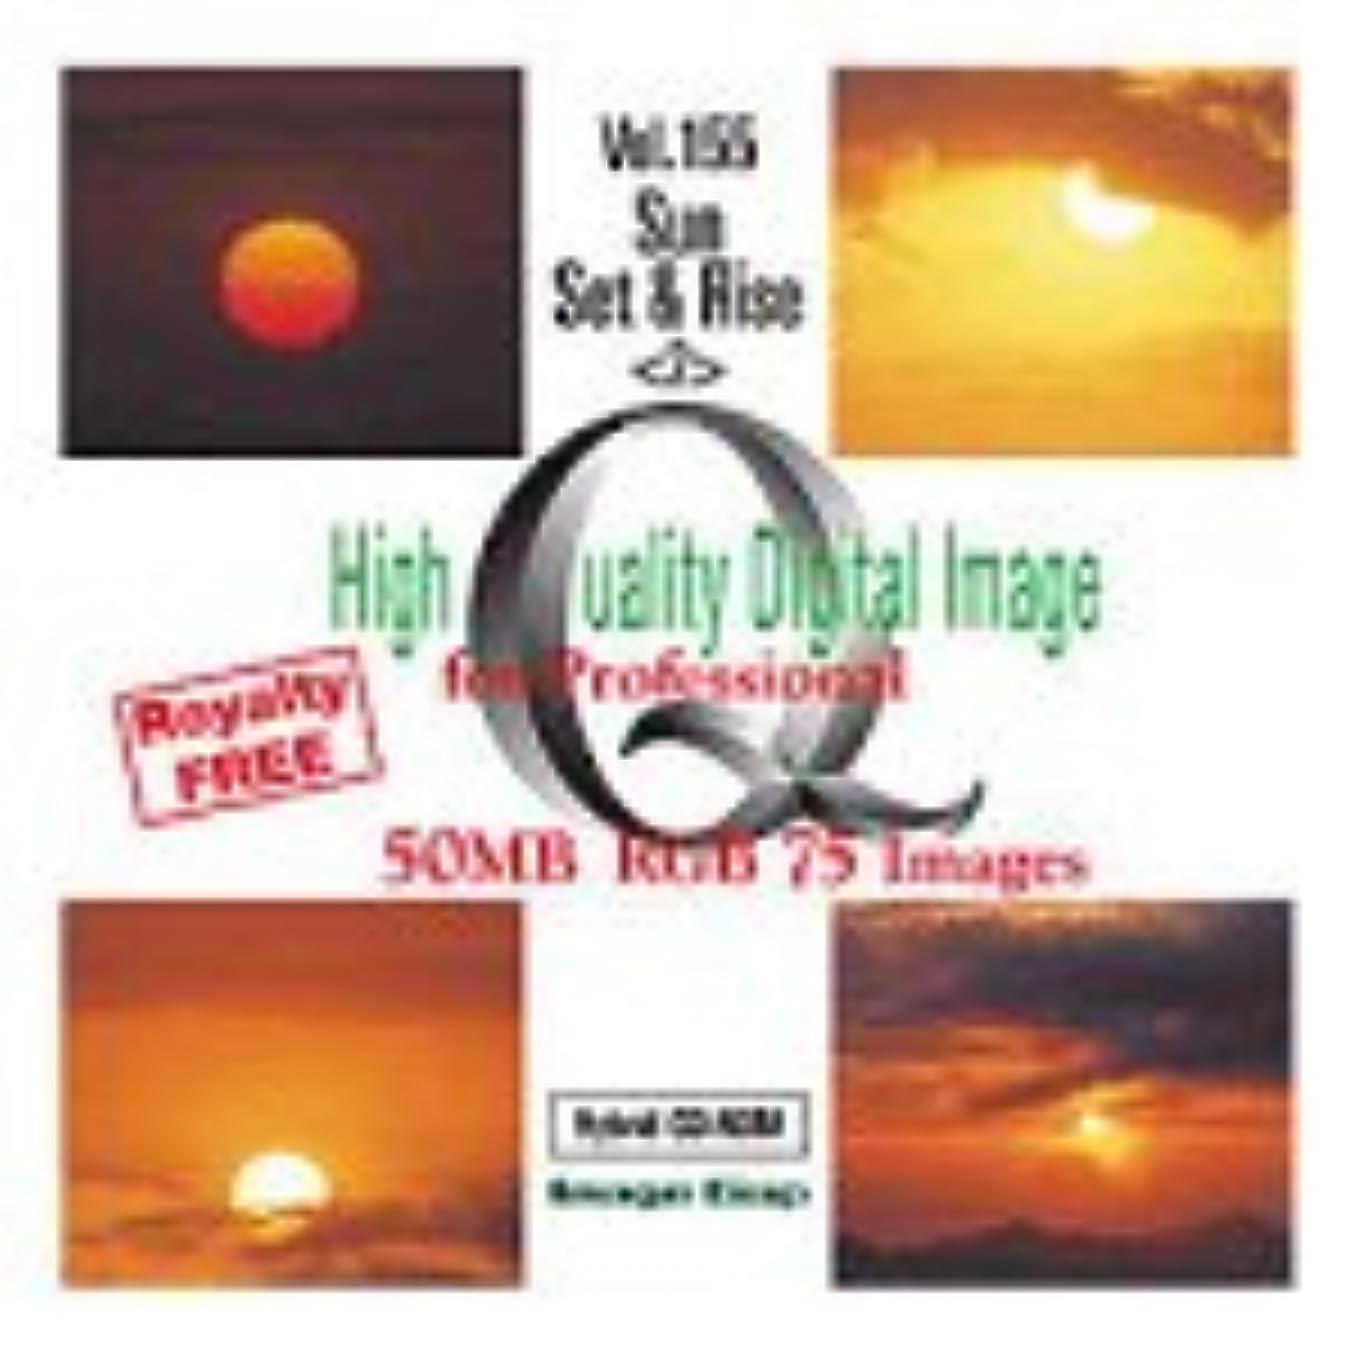 素敵なモード冗談でHigh Quality Digital Image Sun Rise & Set <2>